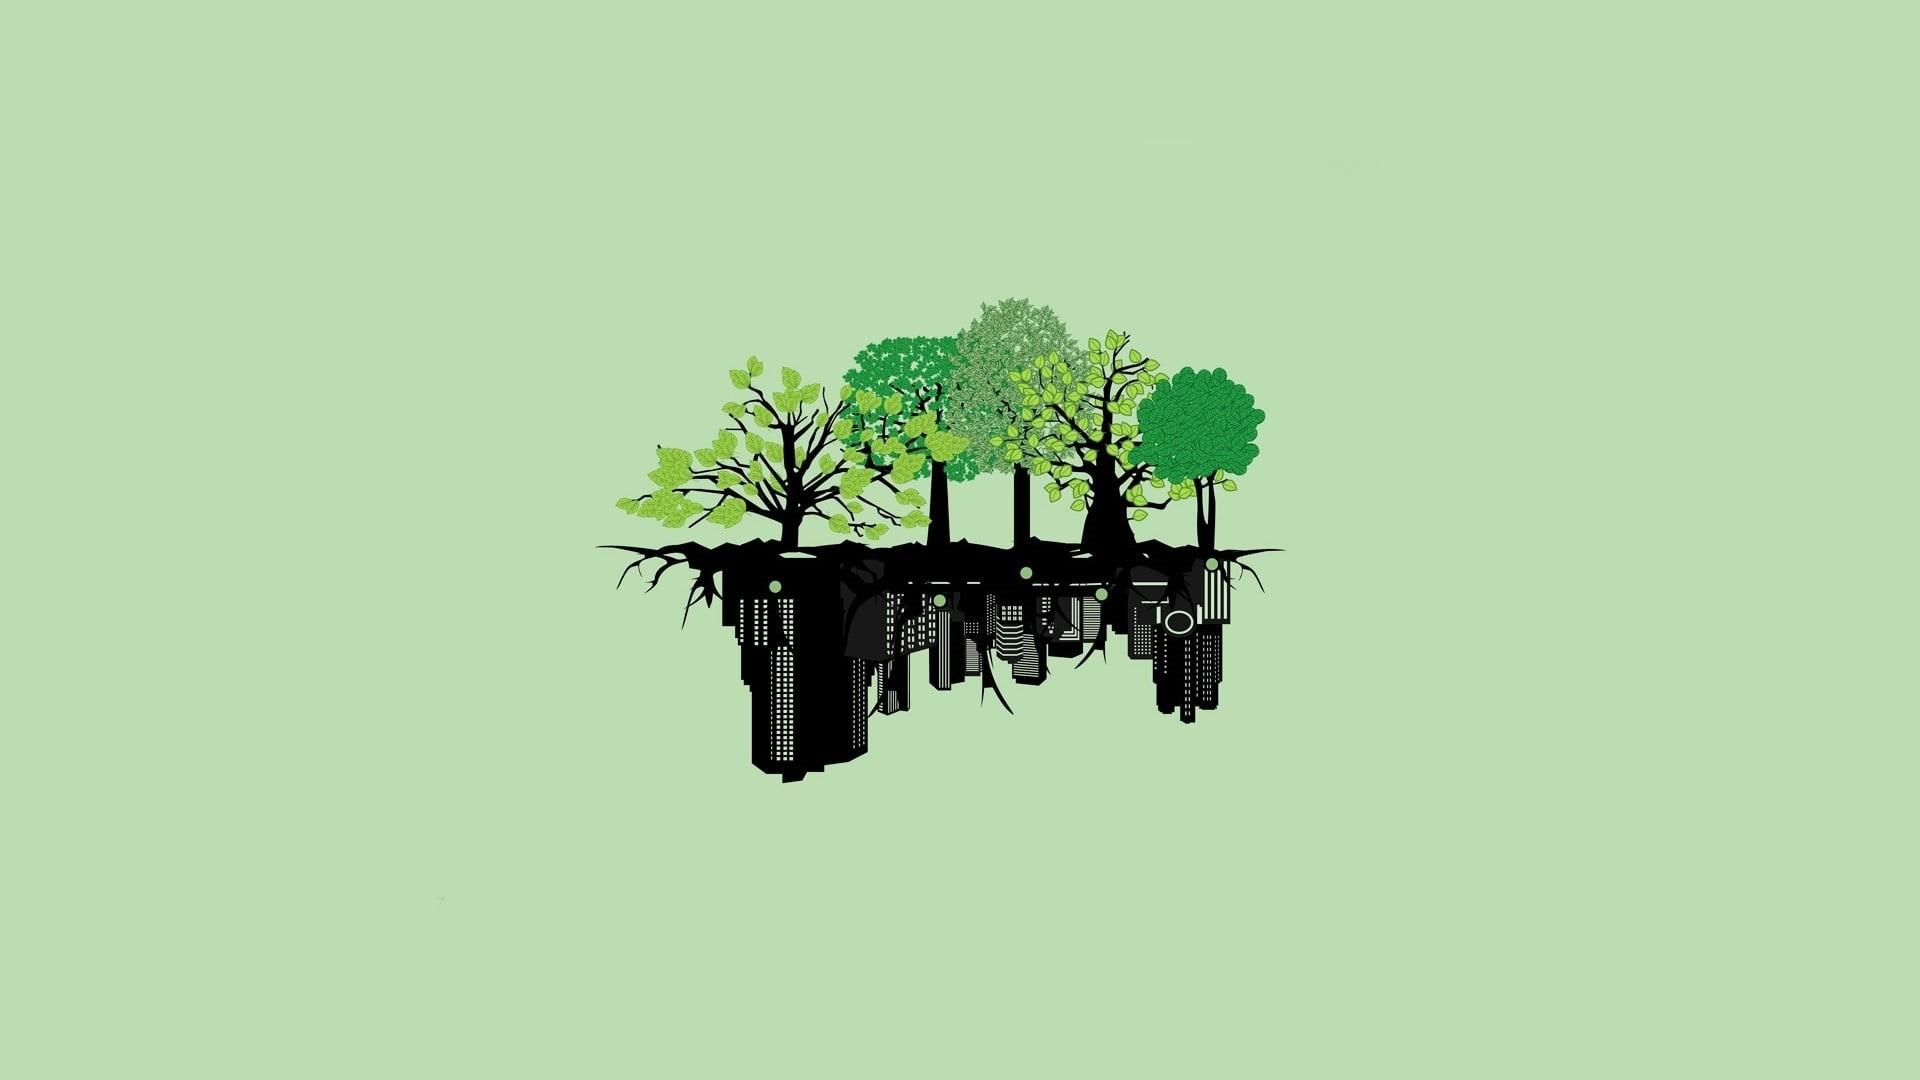 Tree Minimalist Image